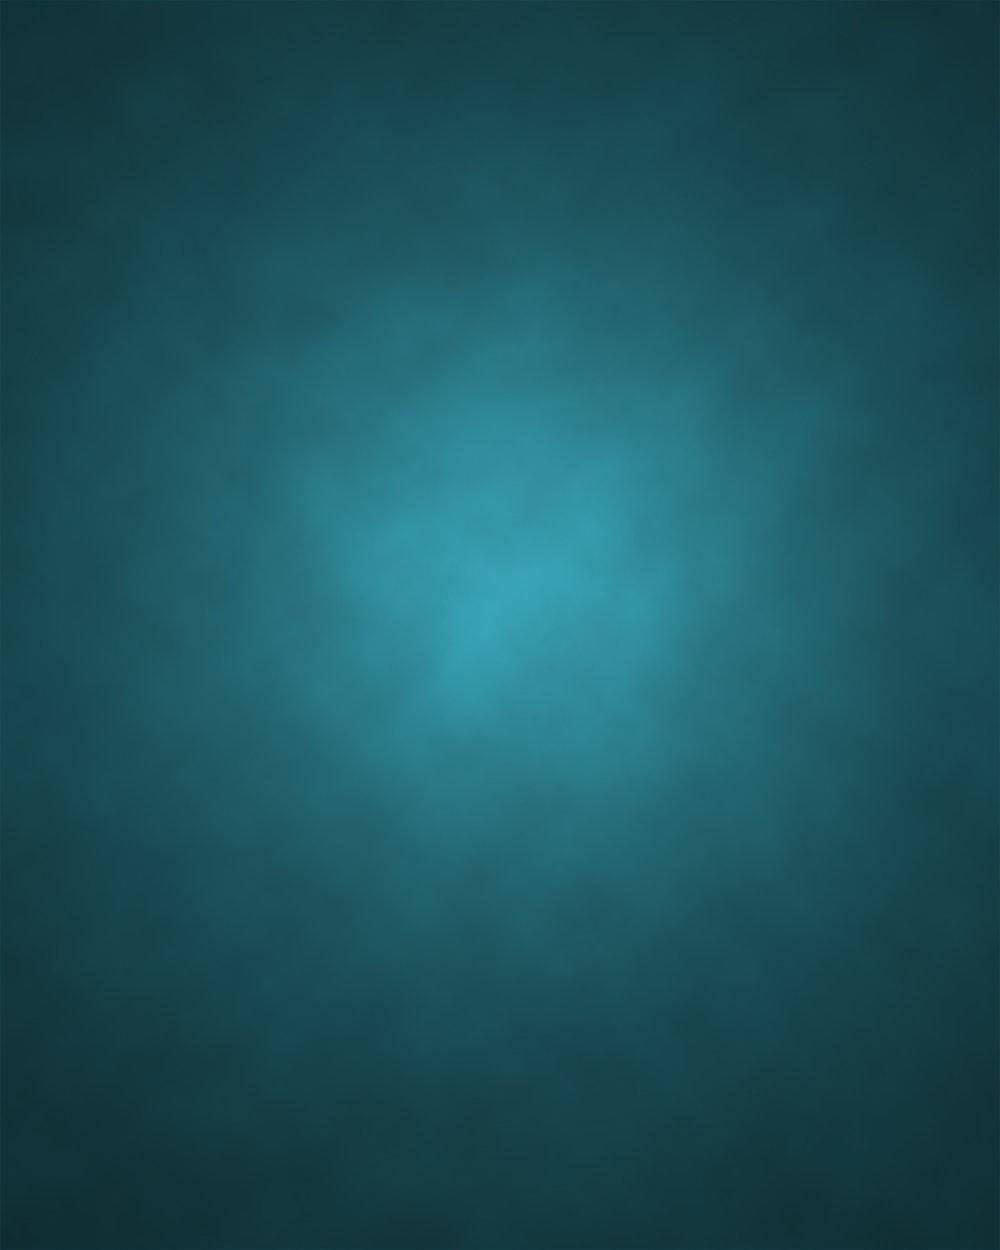 Background Option #7 - Teal